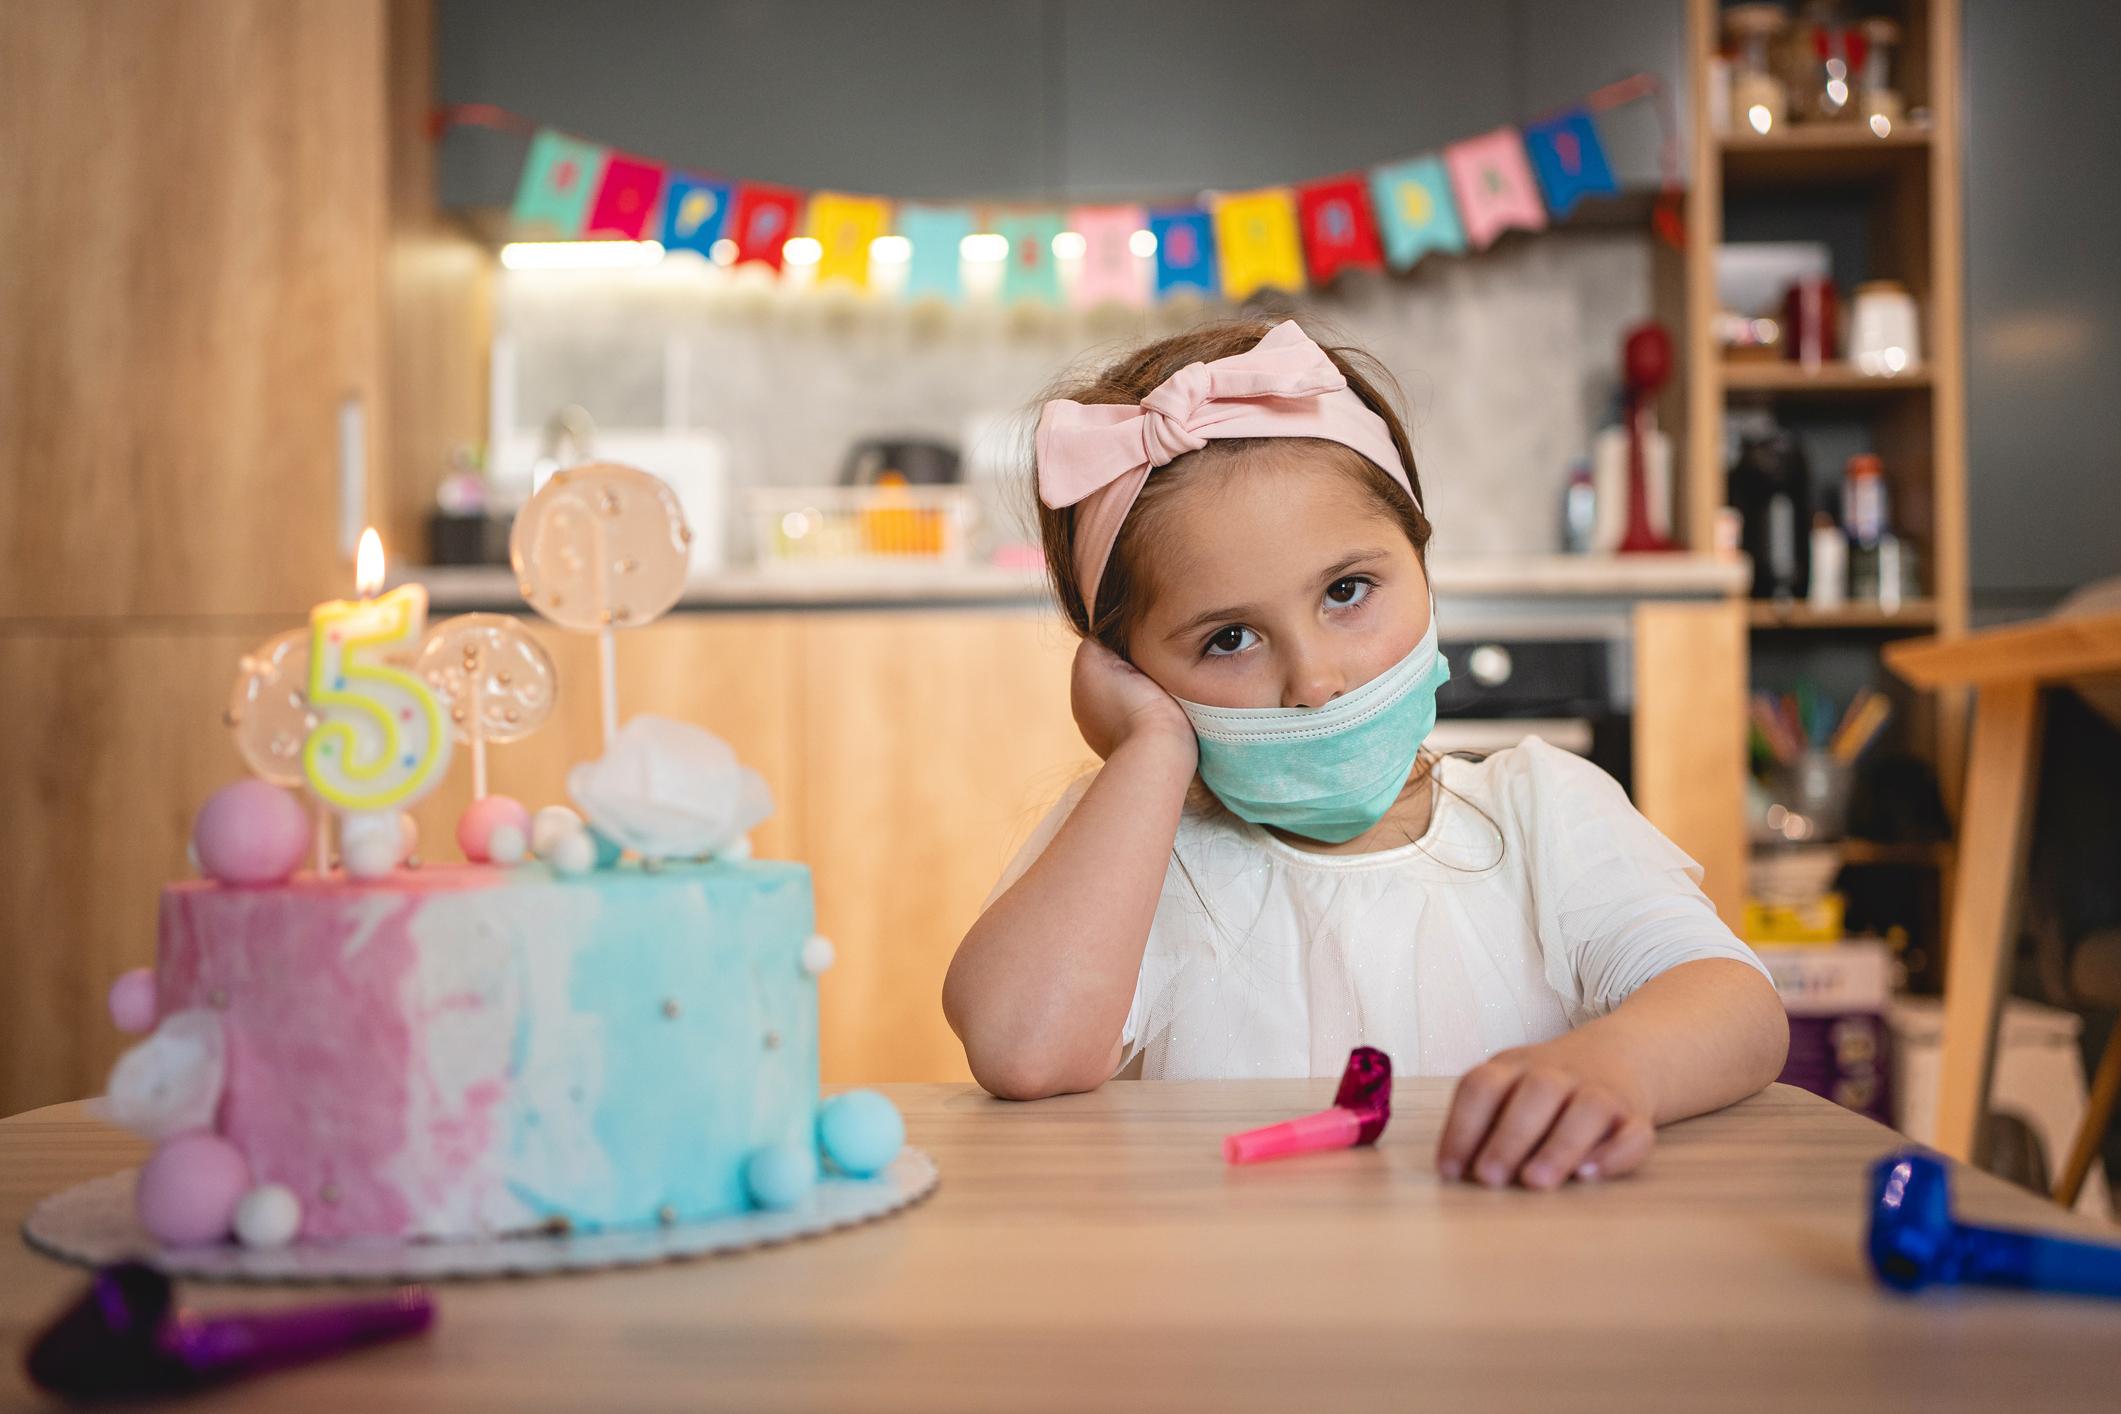 Sorprese Per Un Compleanno come organizzare il compleanno durante la quarantena - www